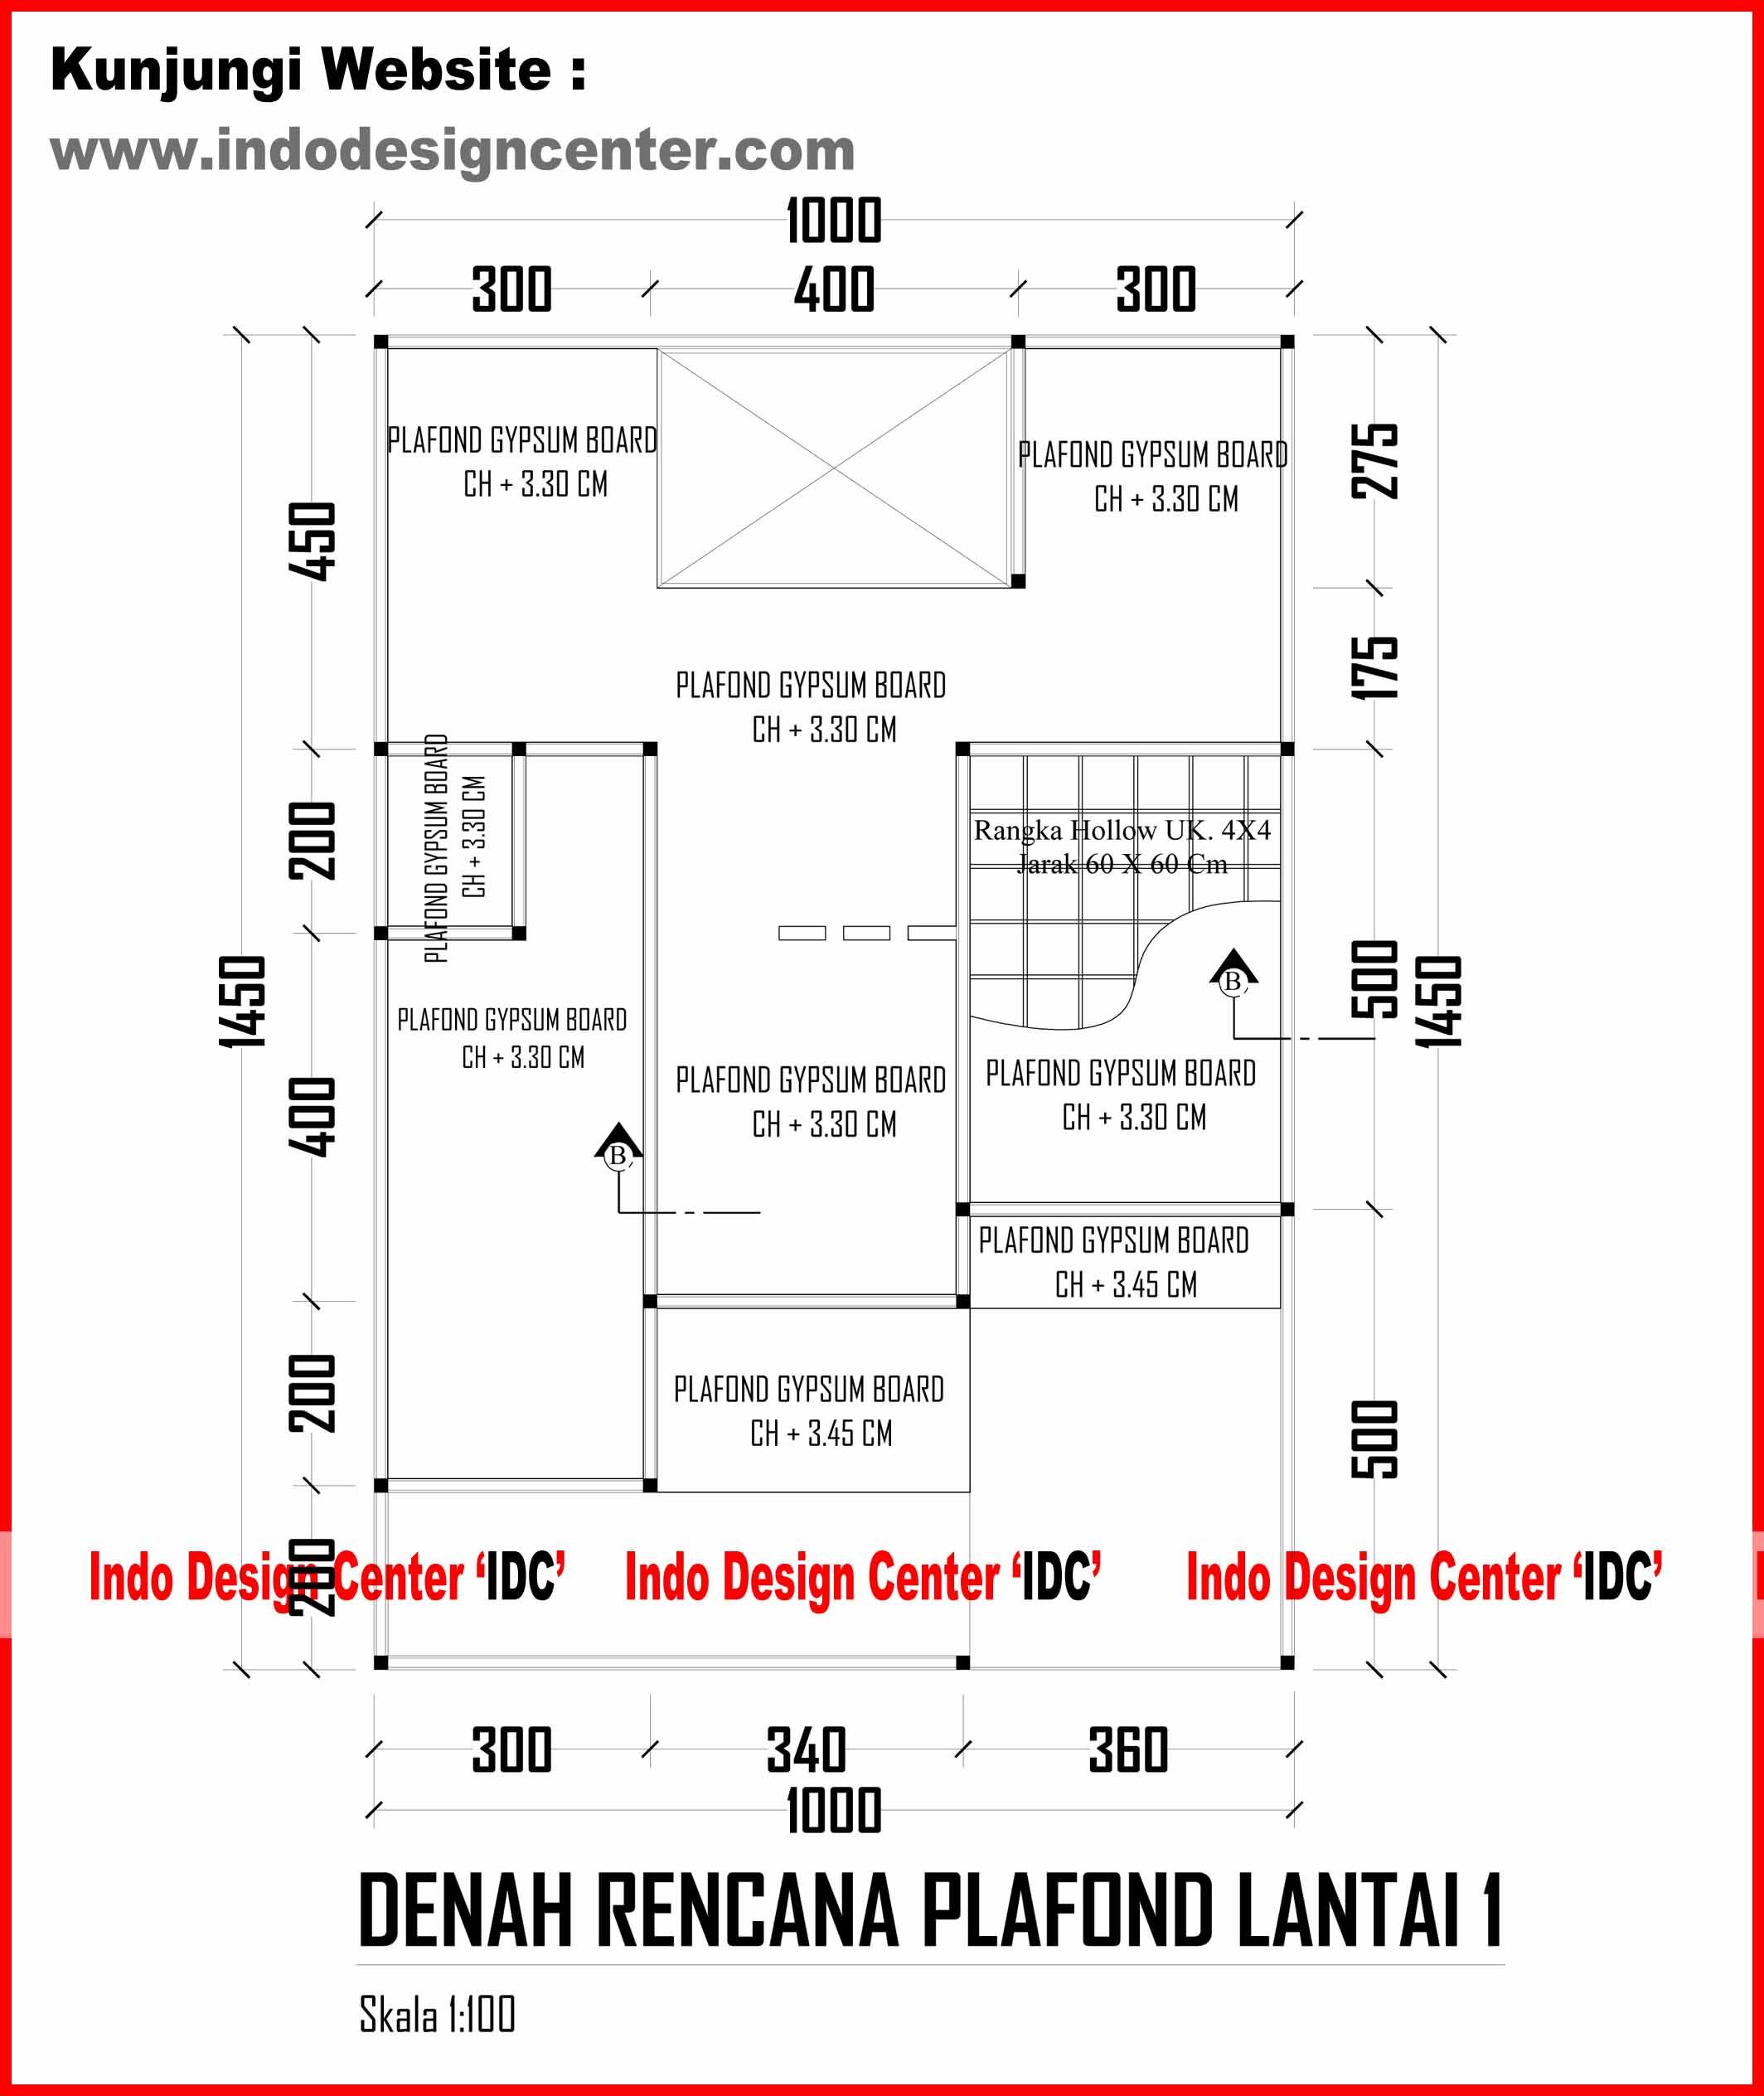 035Denah Rencana Plafond Lantai 1 1jpg